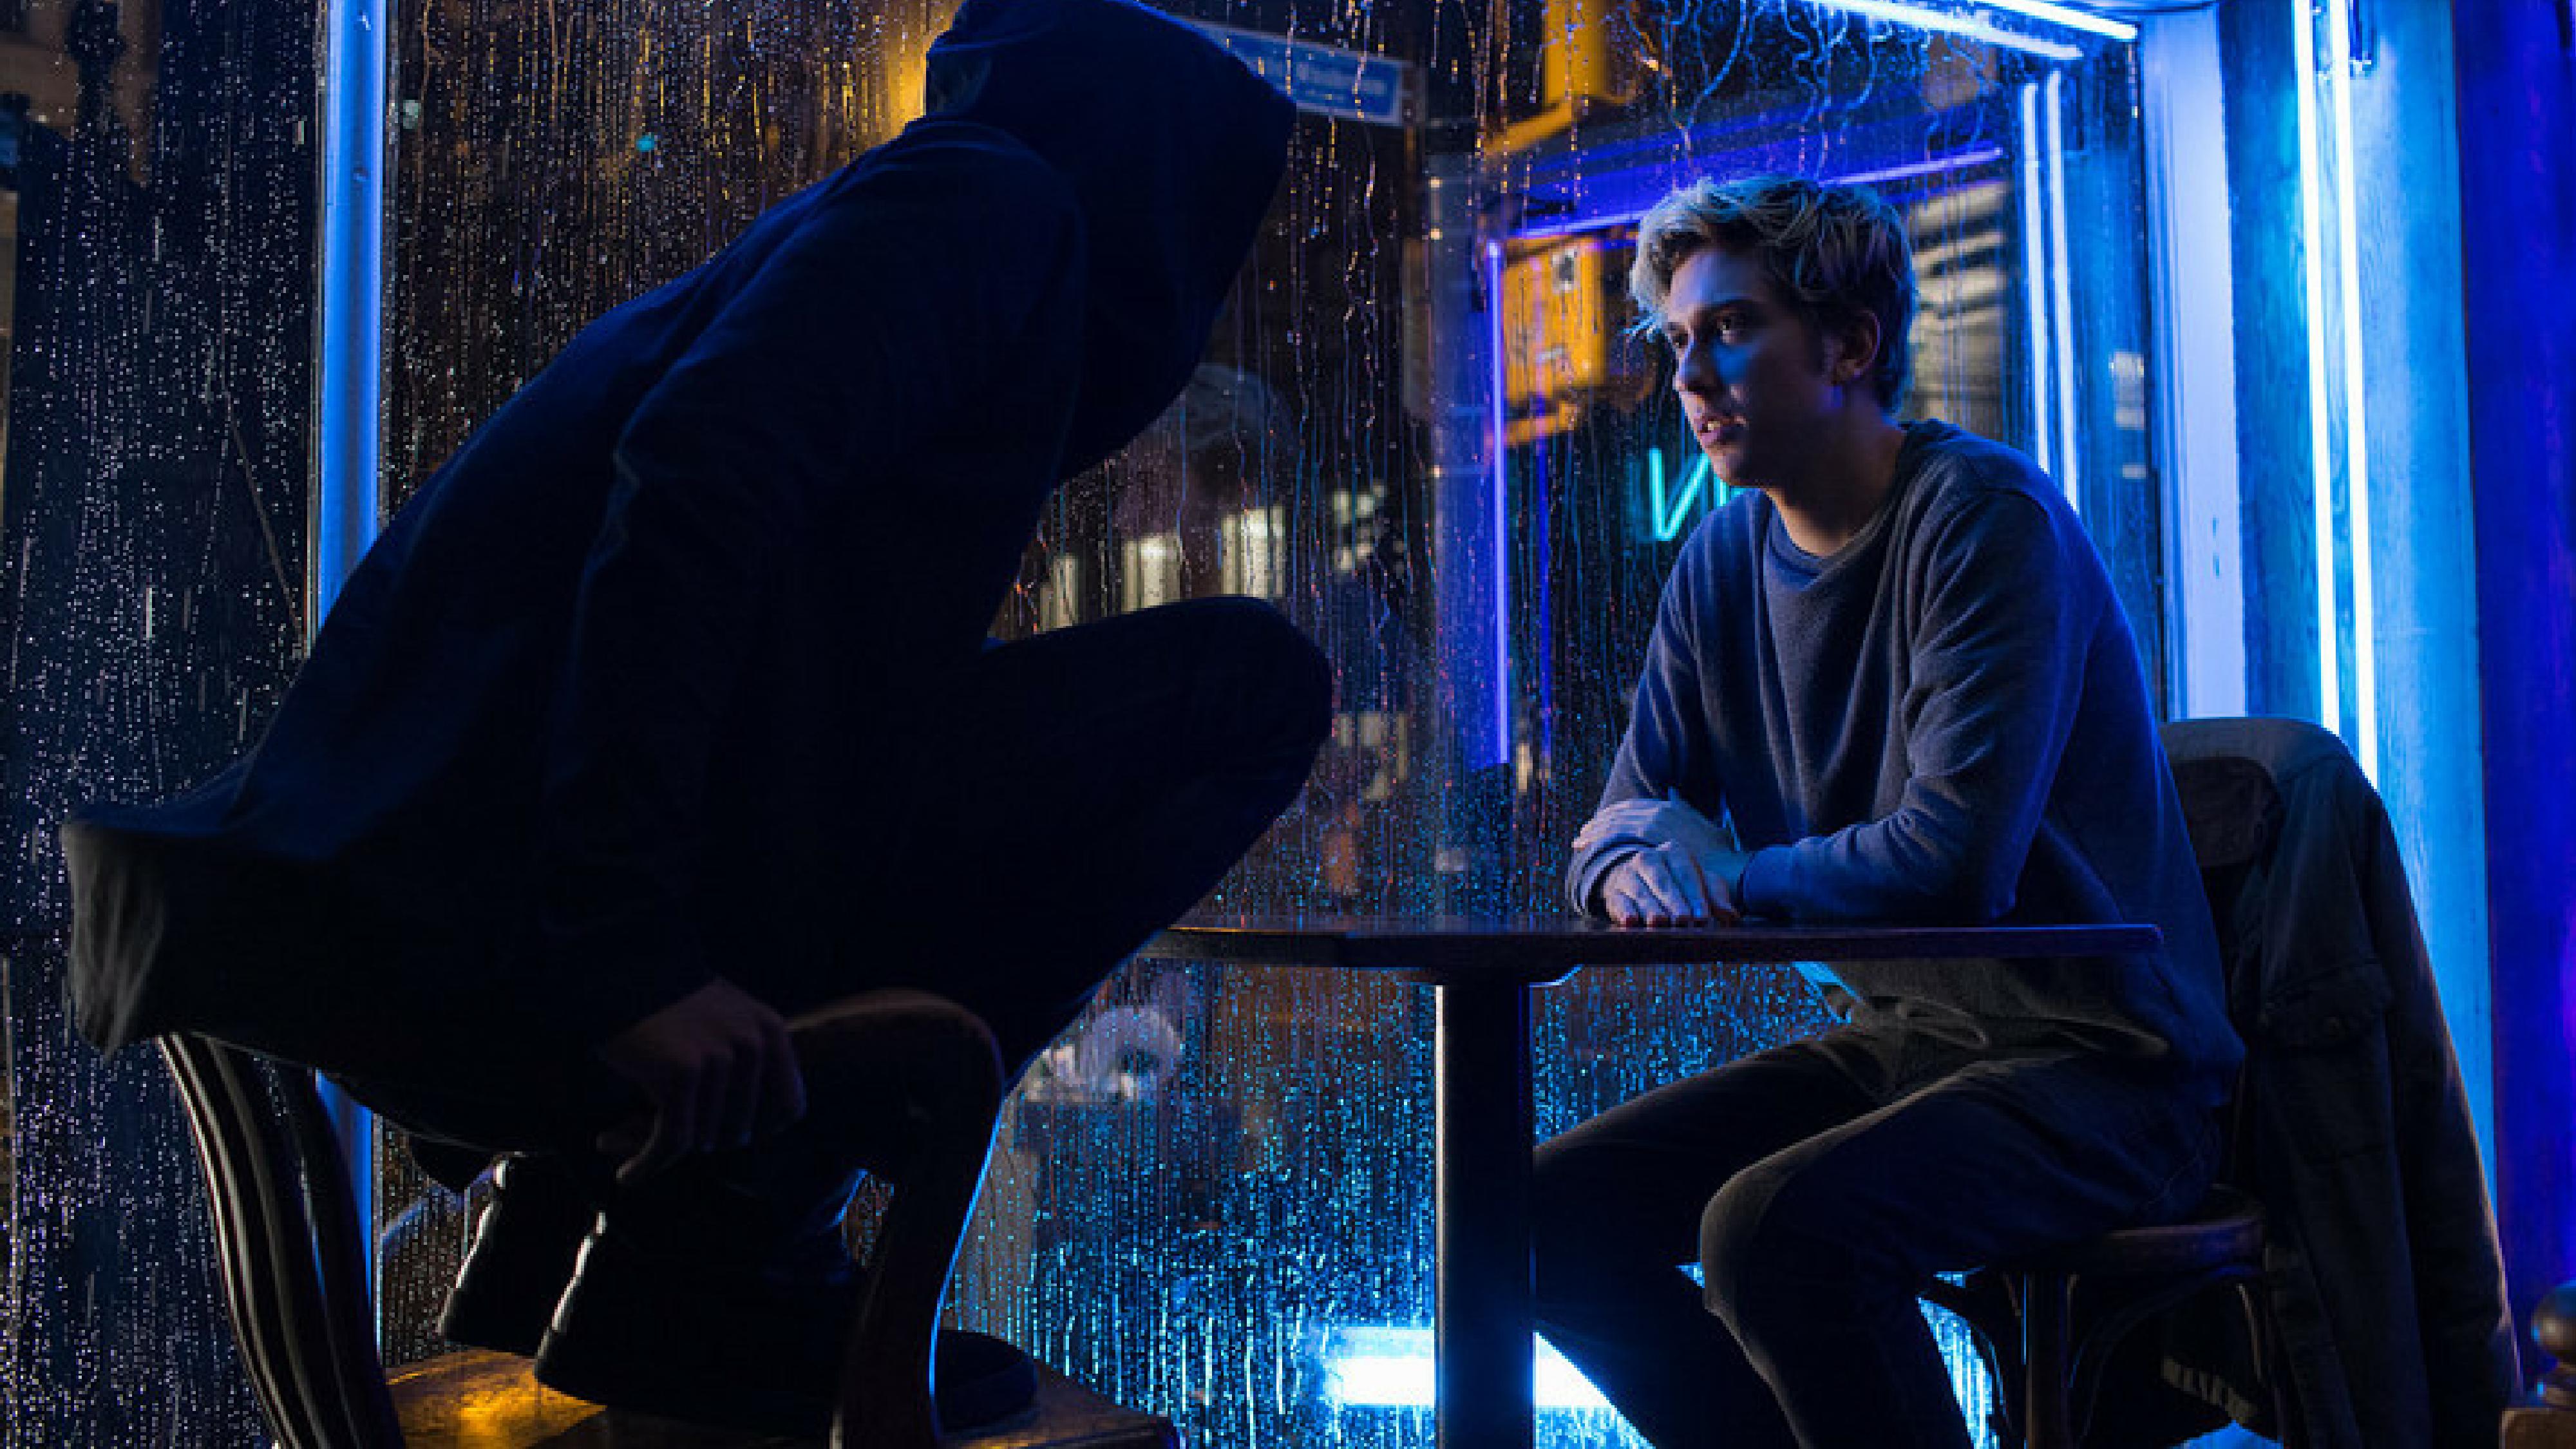 Scrivere il nostro nome sul Death Note di Netflix